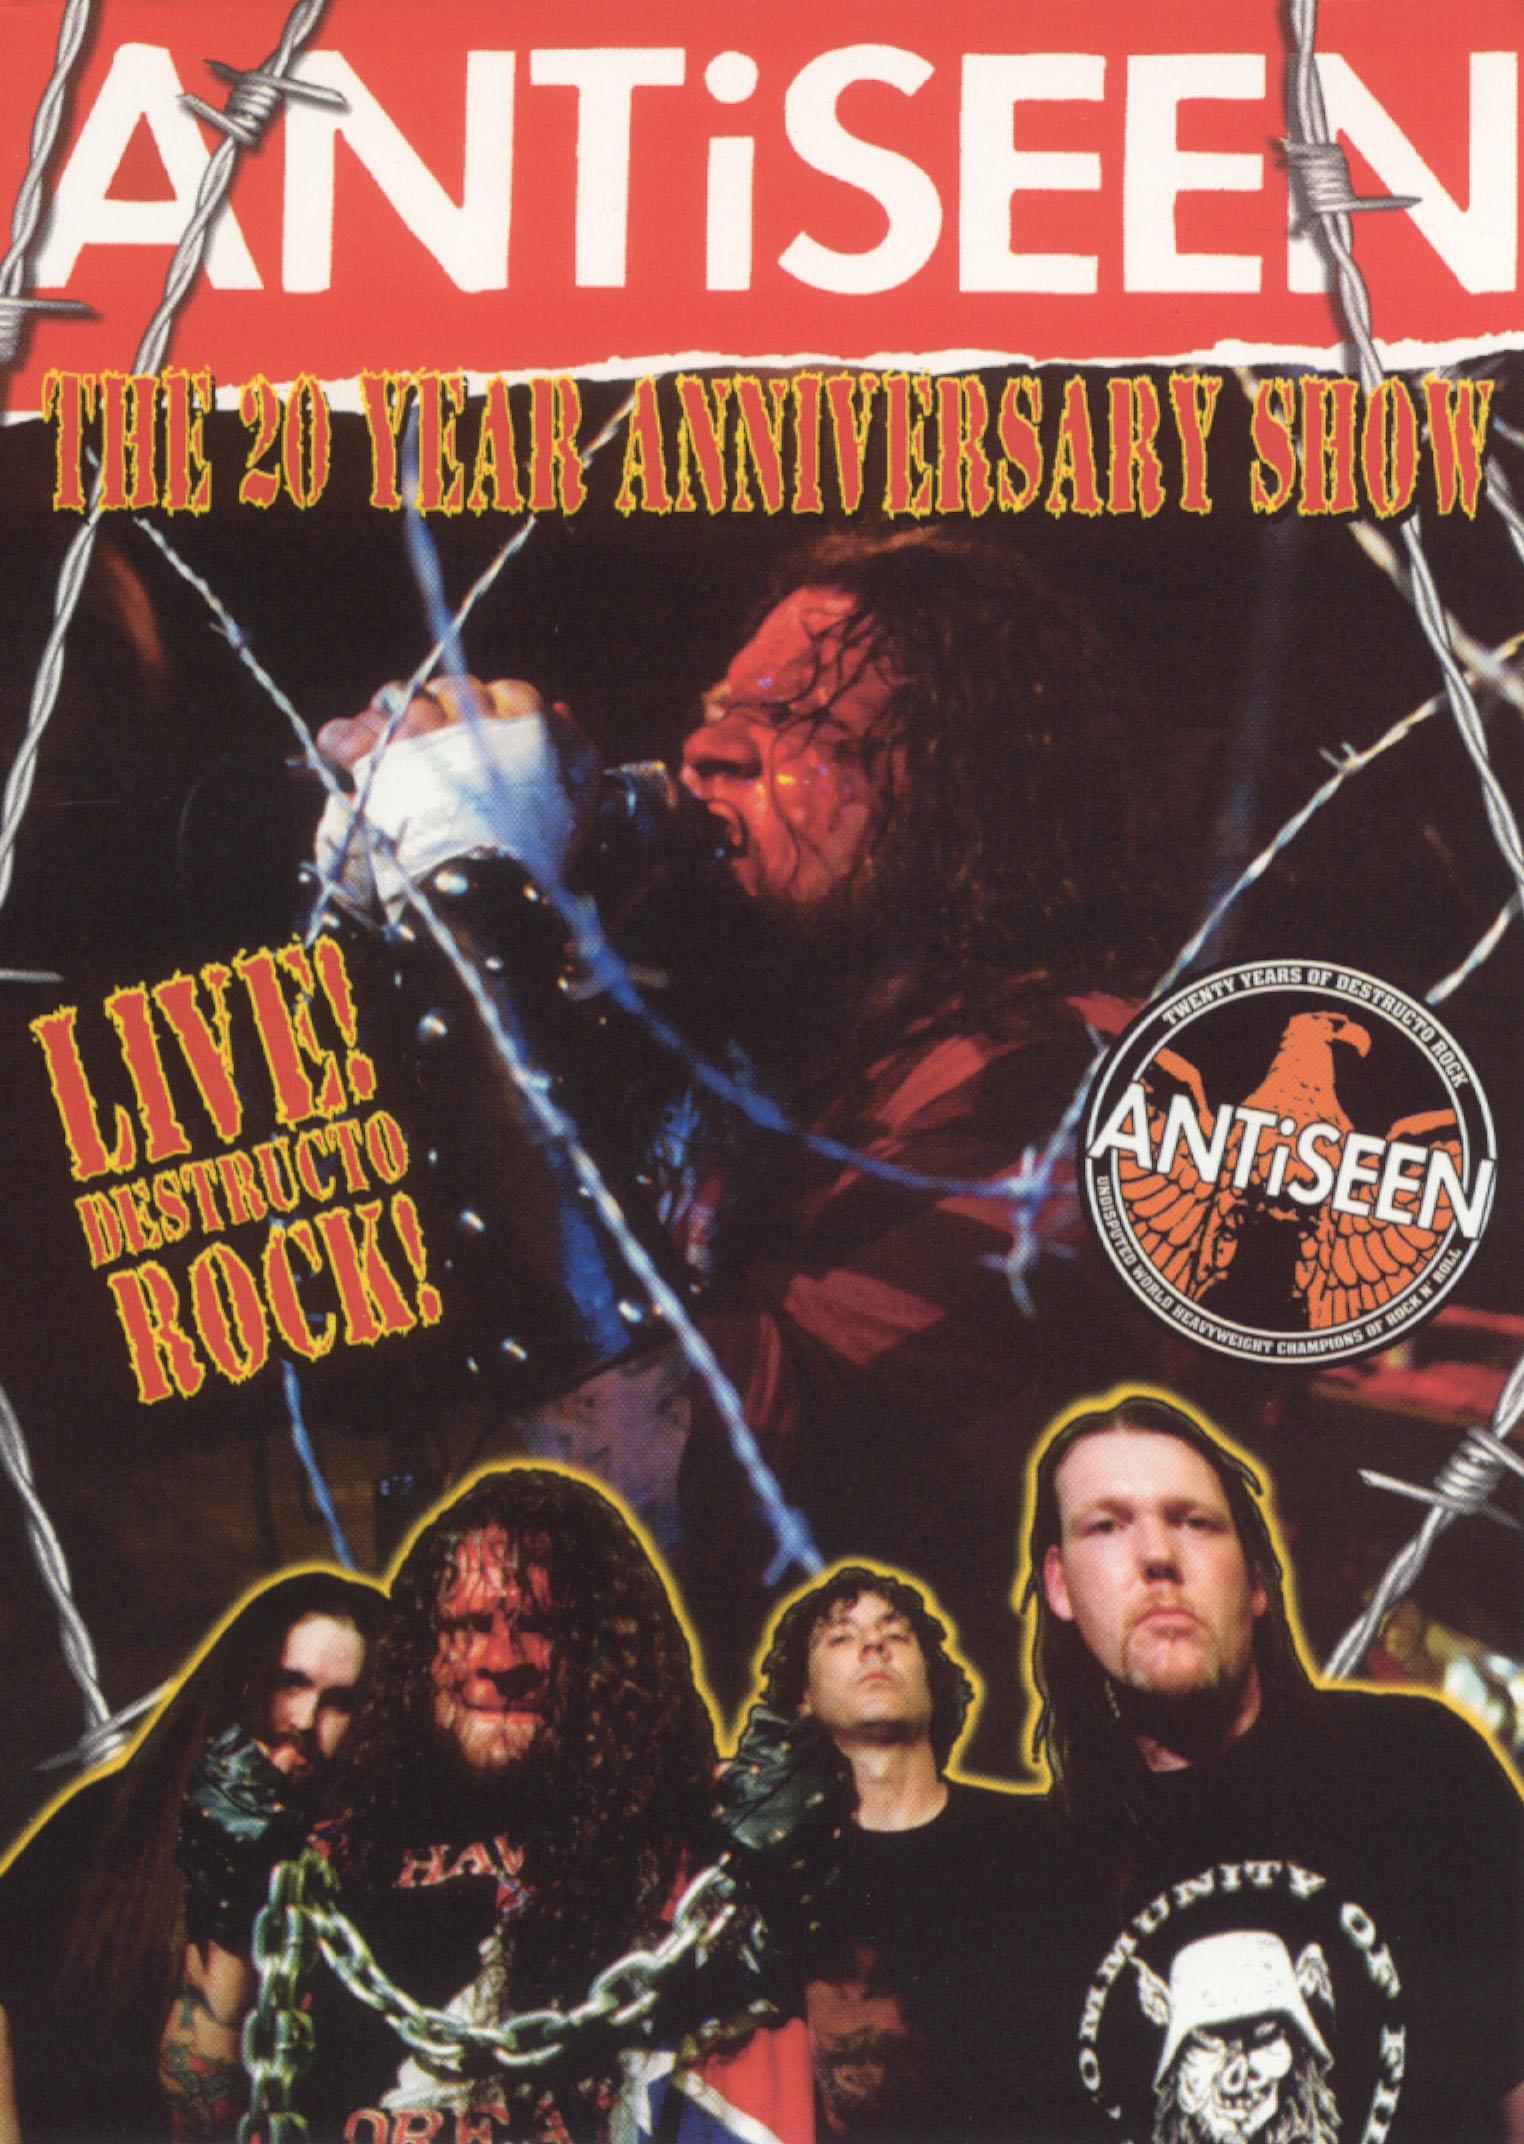 Antiseen: 20 Year Anniversary Show